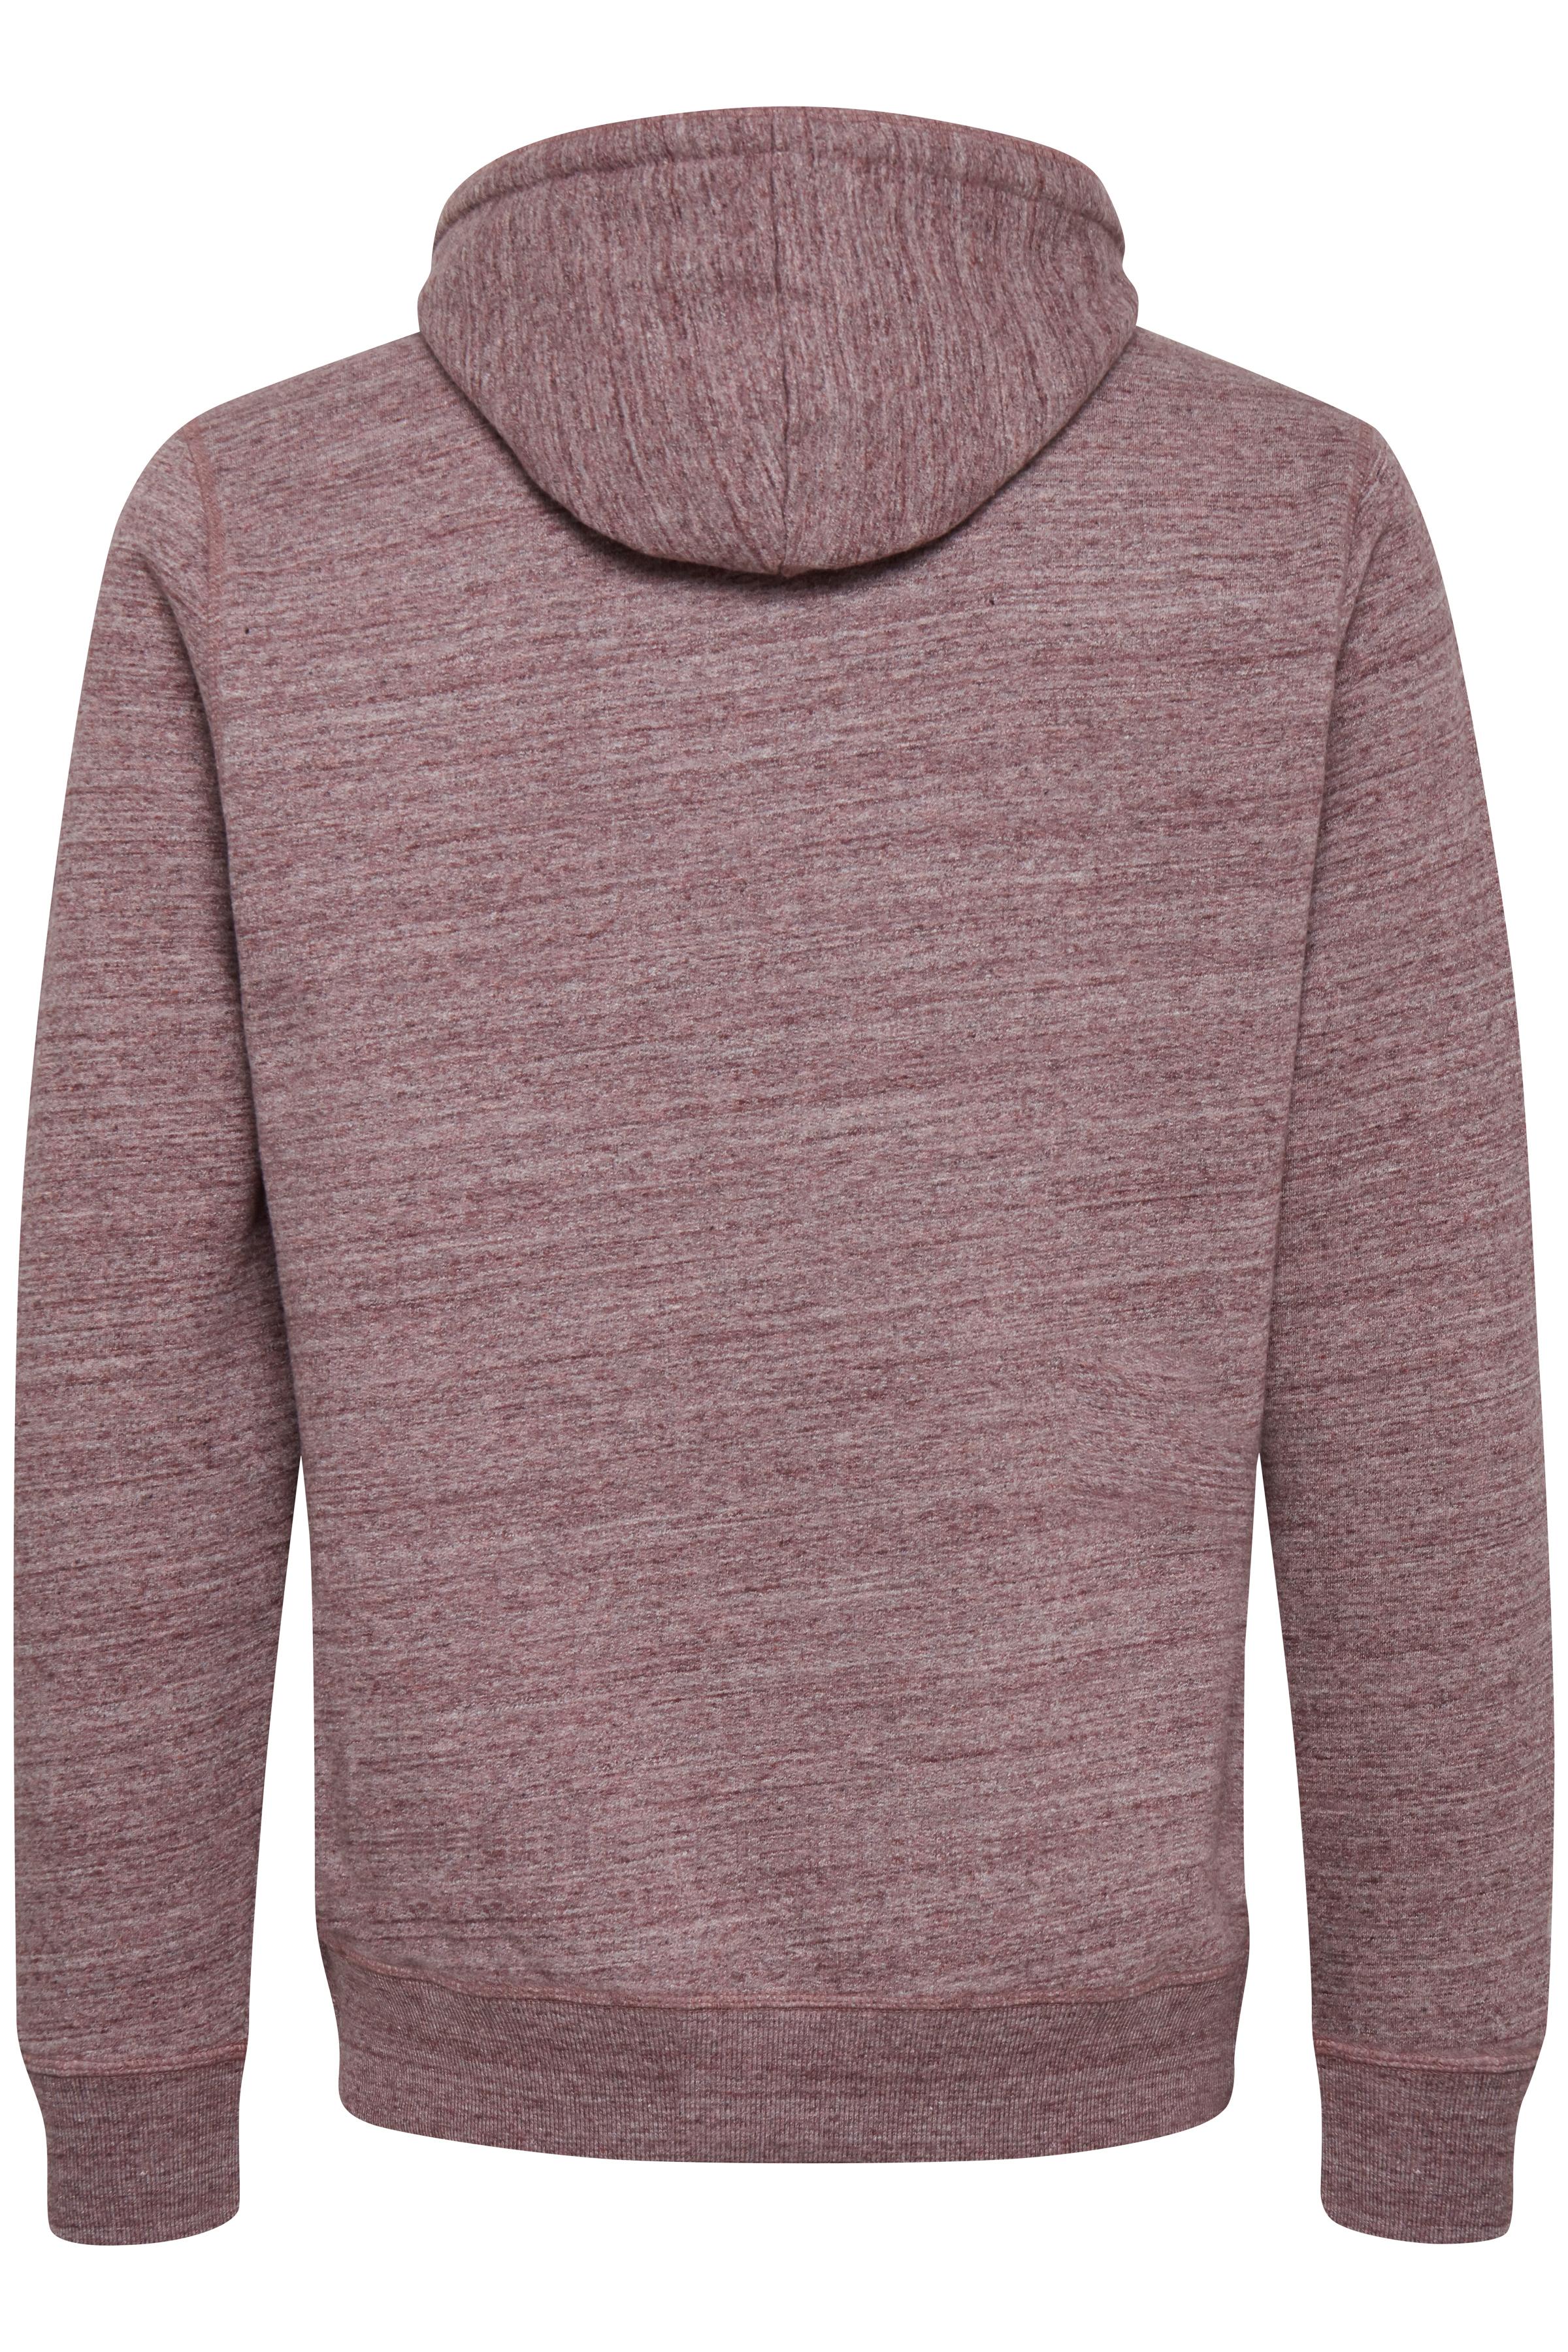 Wine red Sweatshirt met capuchon van Blend He – Door Wine red Sweatshirt met capuchon van maat. S-3XL hier